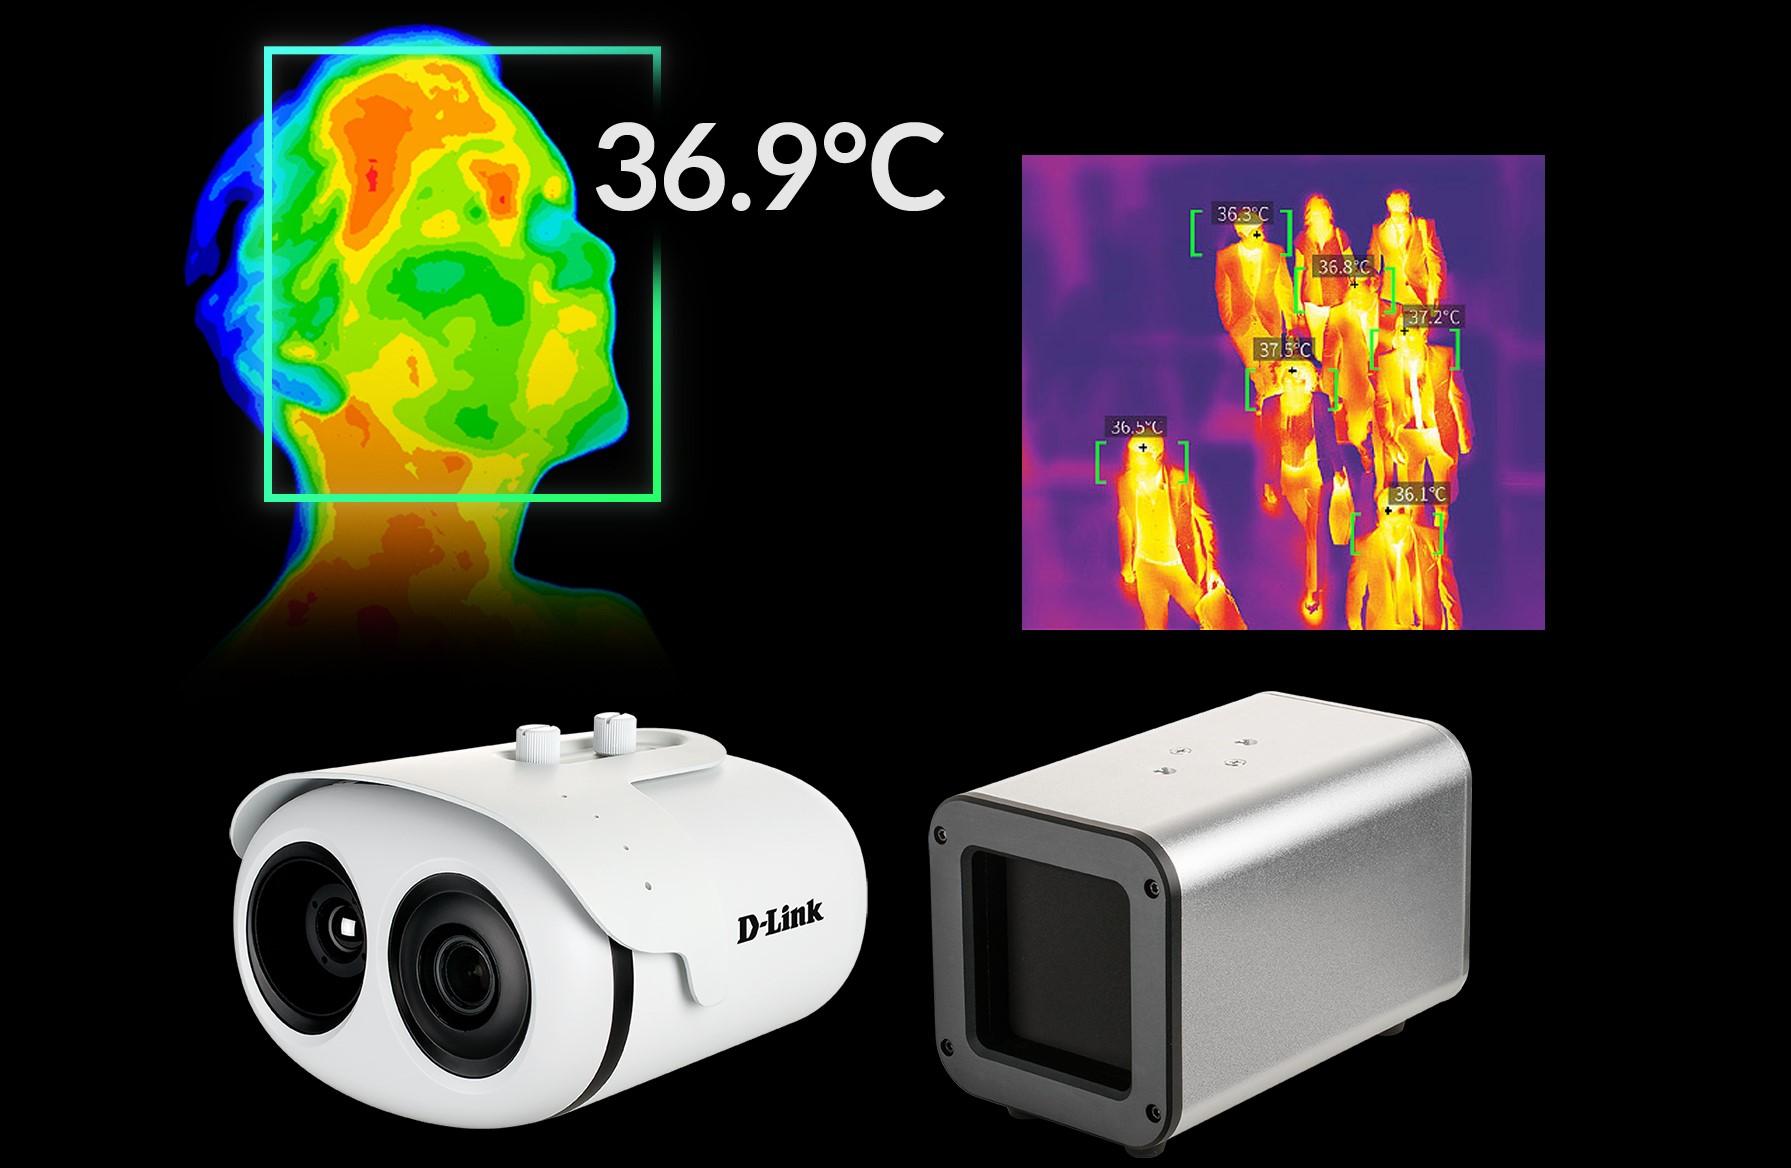 D-Link DCS-9500T, Kit de Cámara Termográfica y Calibrador BlackBody para el control de temperatura corporal en grupos.